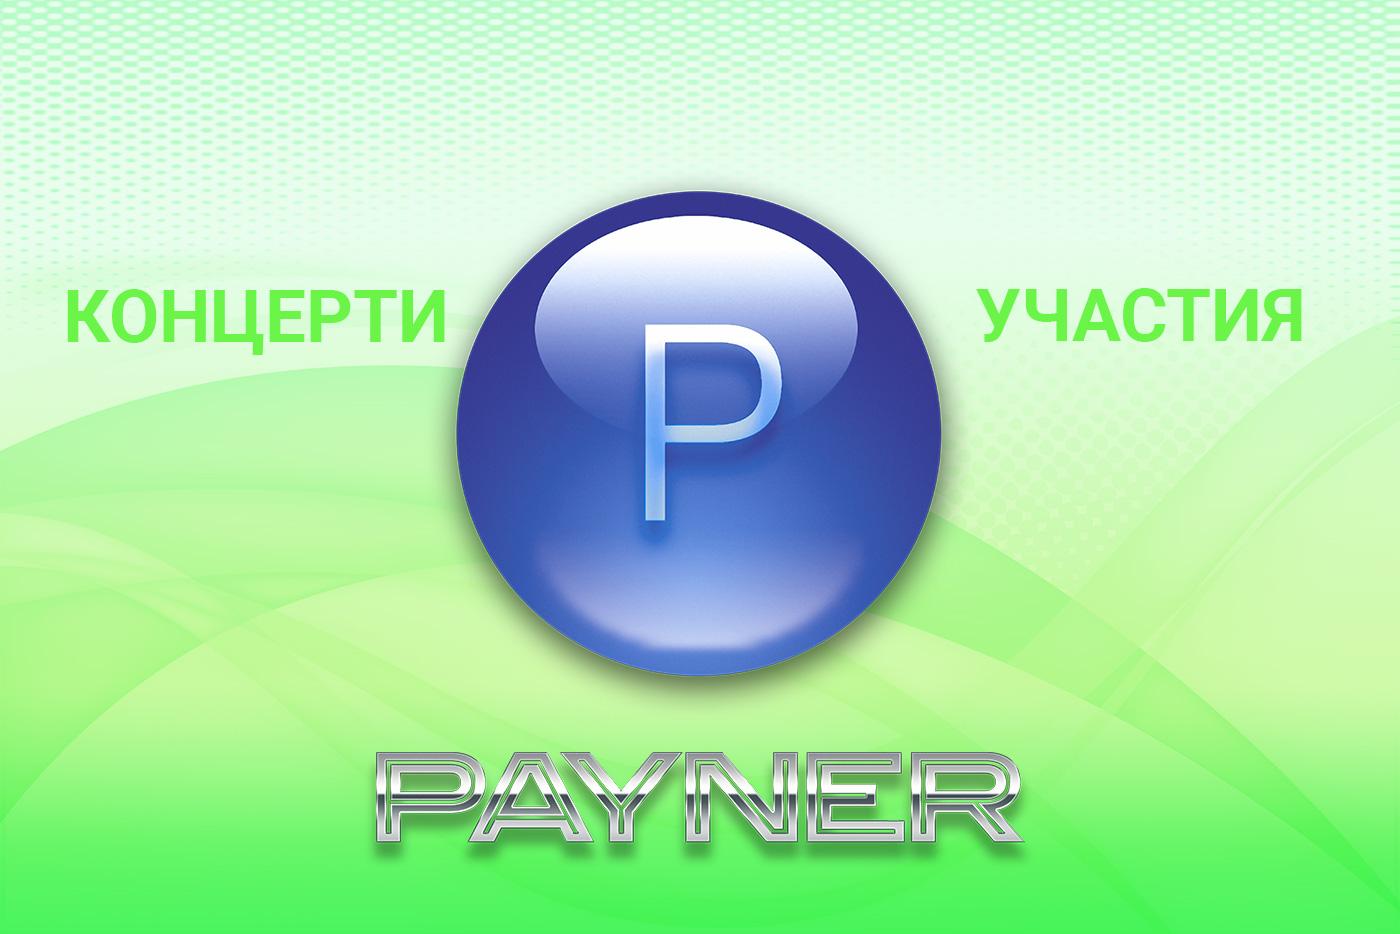 """Участия на звездите на """"Пайнер"""" на 30.01.2020"""